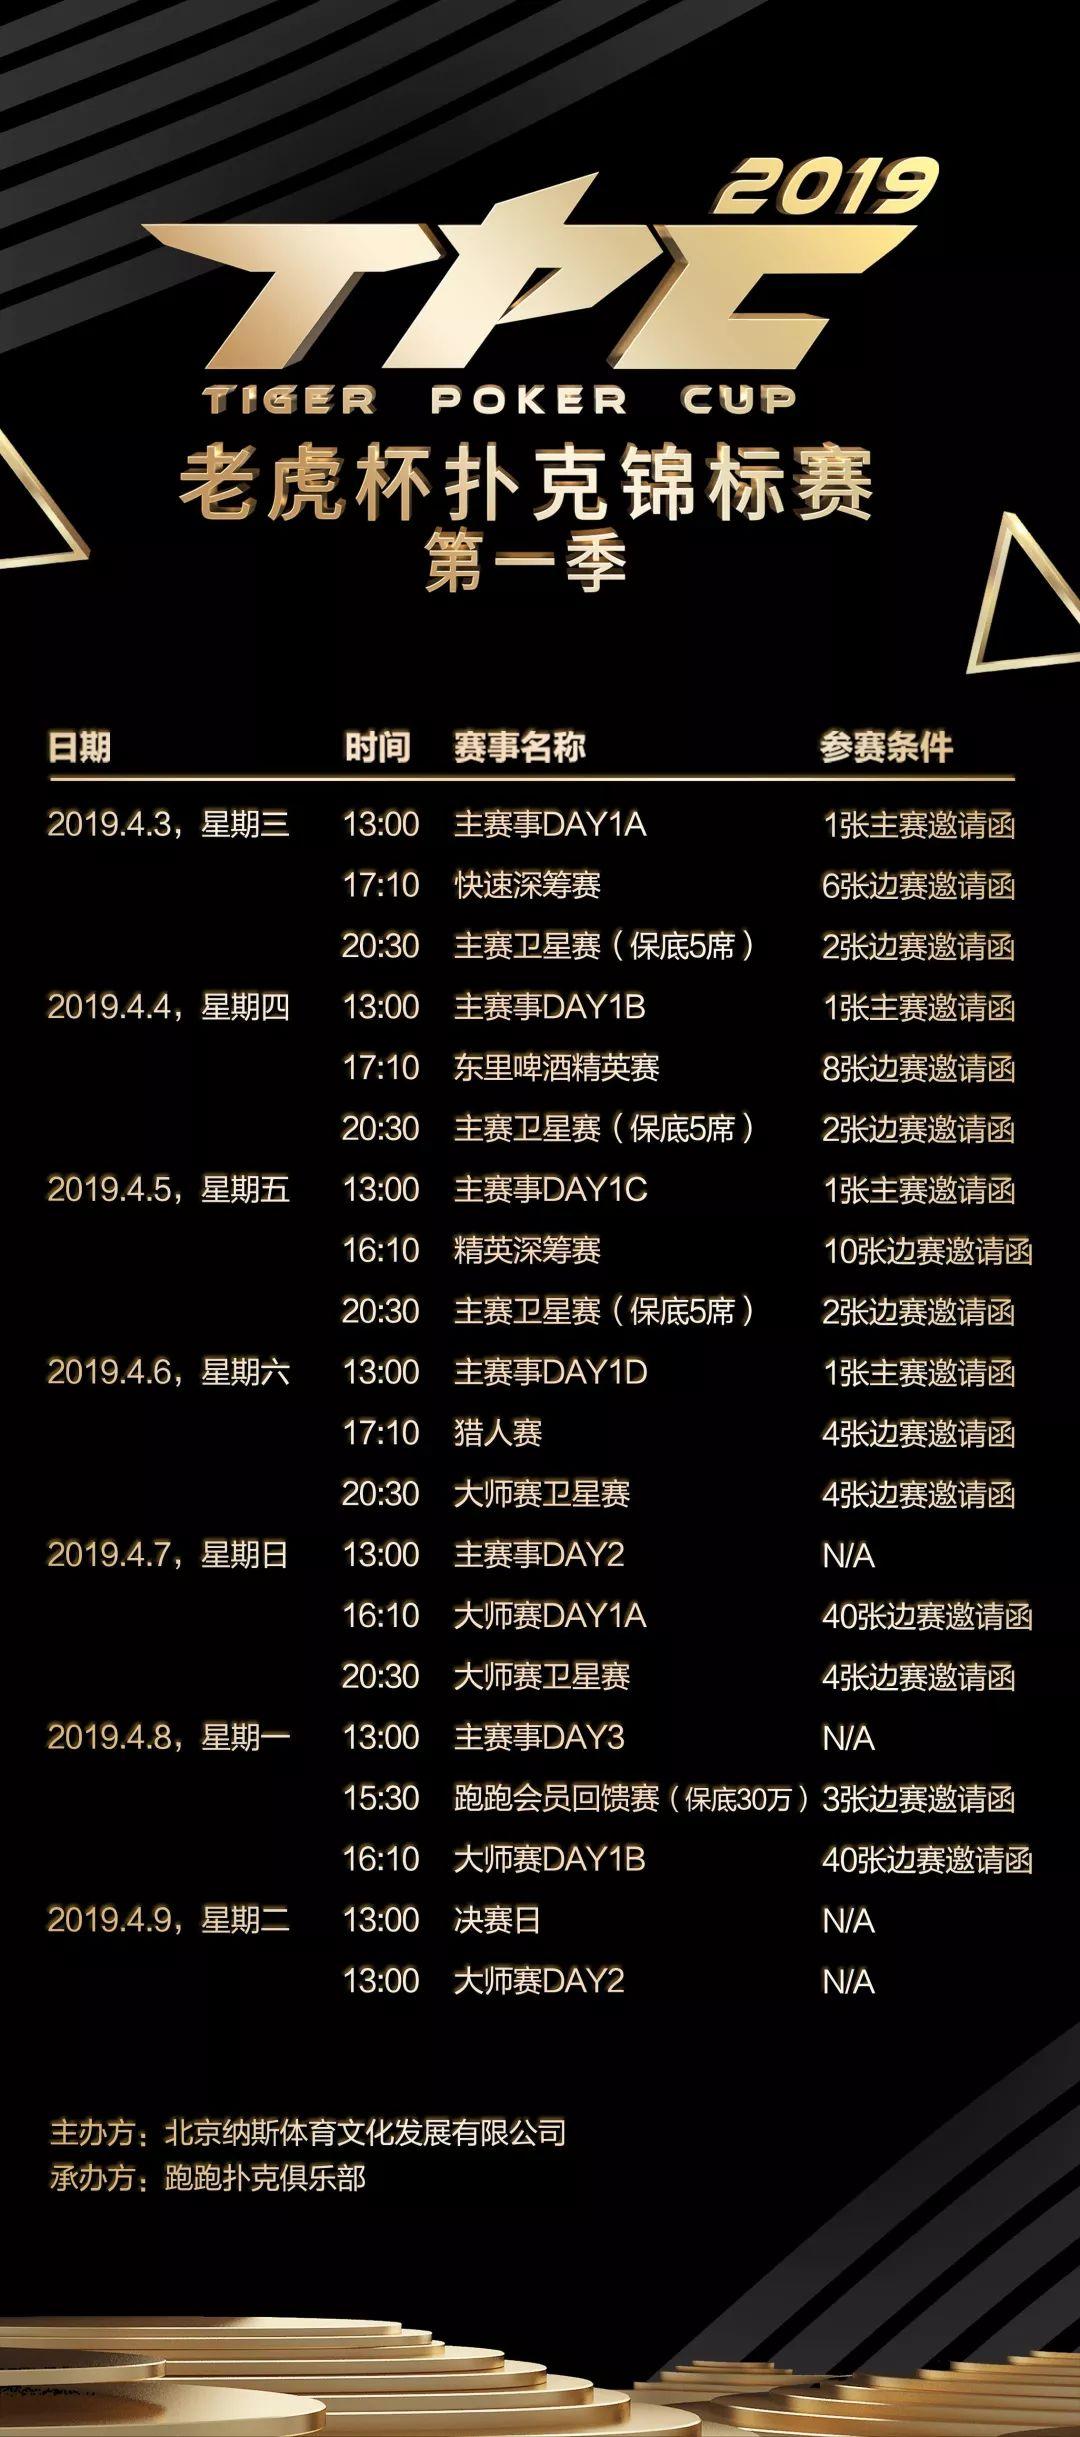 2019年TPC老虎杯第一季赛程信息